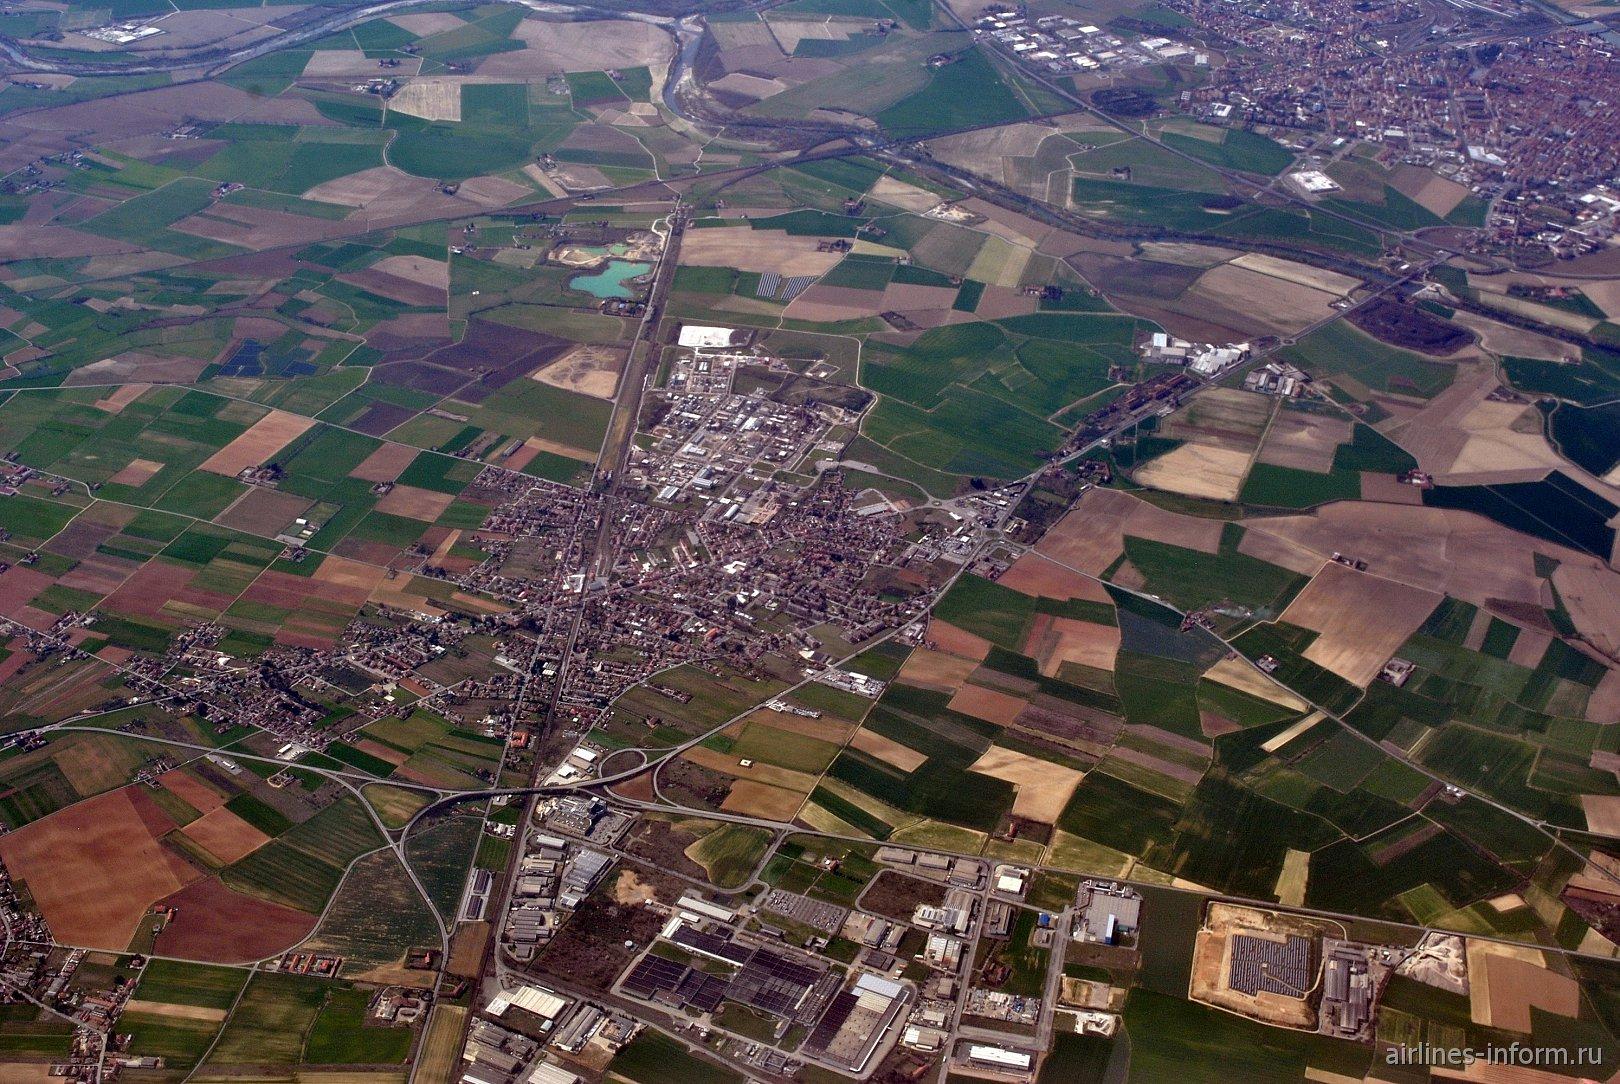 Городок Spinetta Marengo на севере Италии